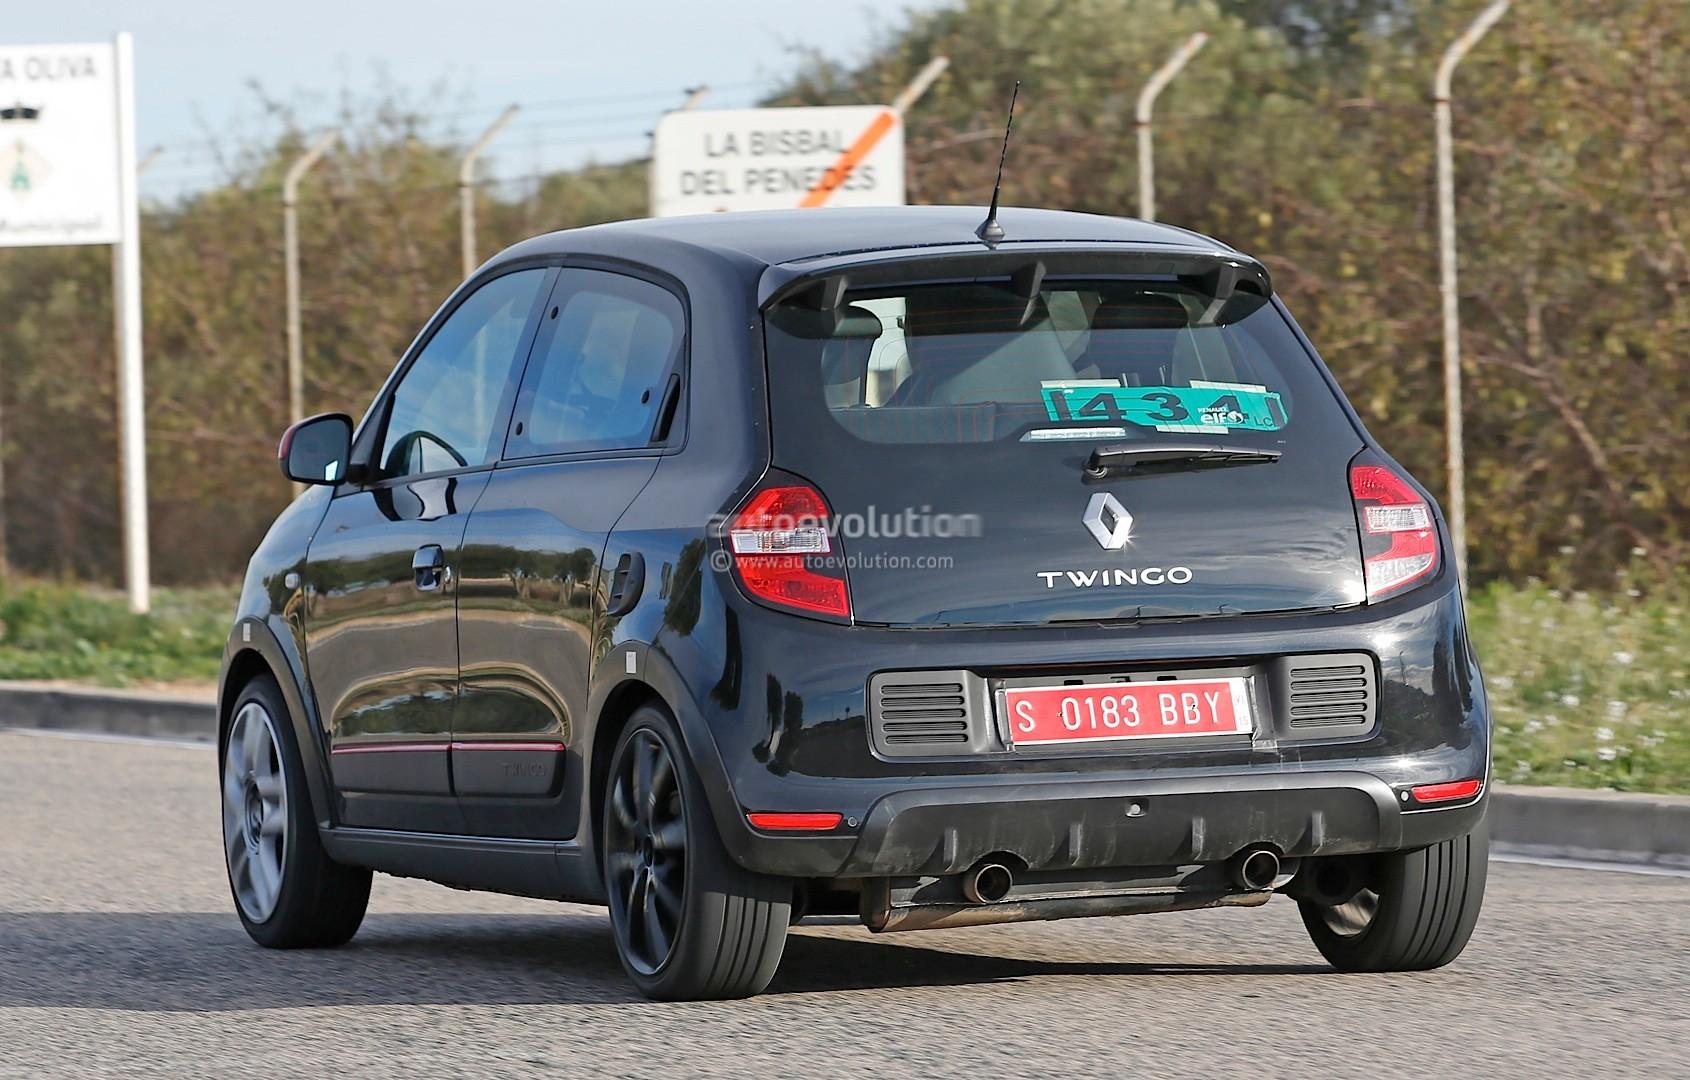 ... Spyshots: 2015 Renault Twingo RS